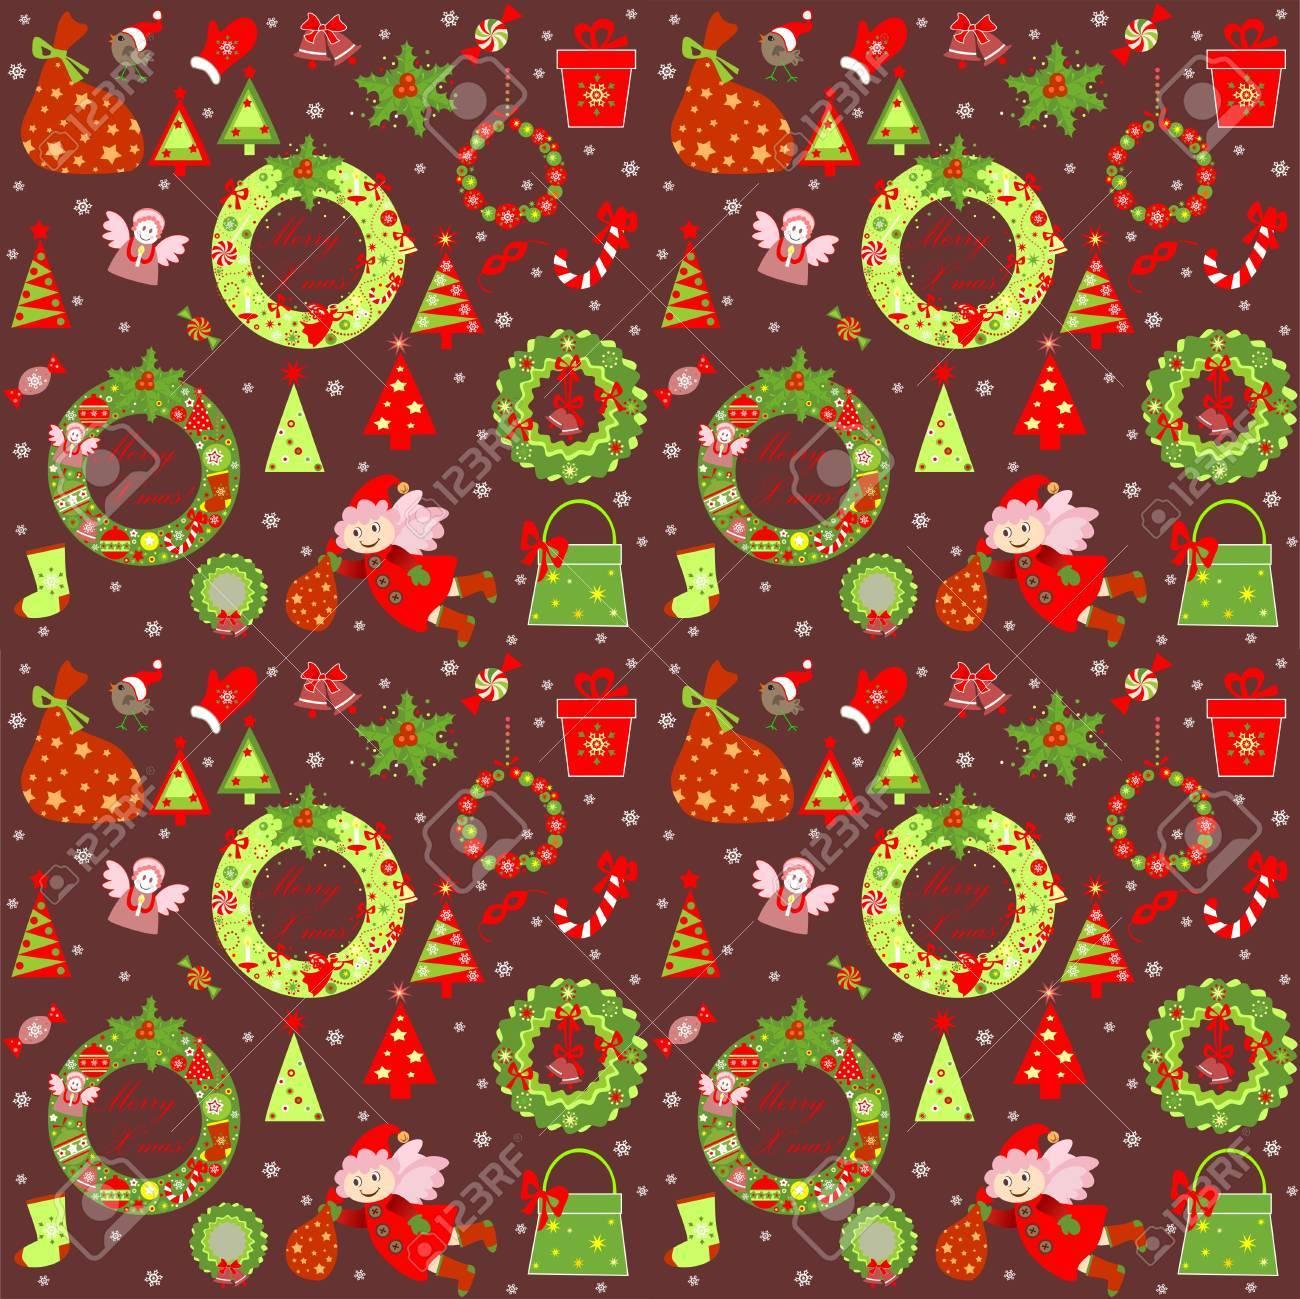 Noël Papier Peint Rétro Clip Art Libres De Droits , Vecteurs Et